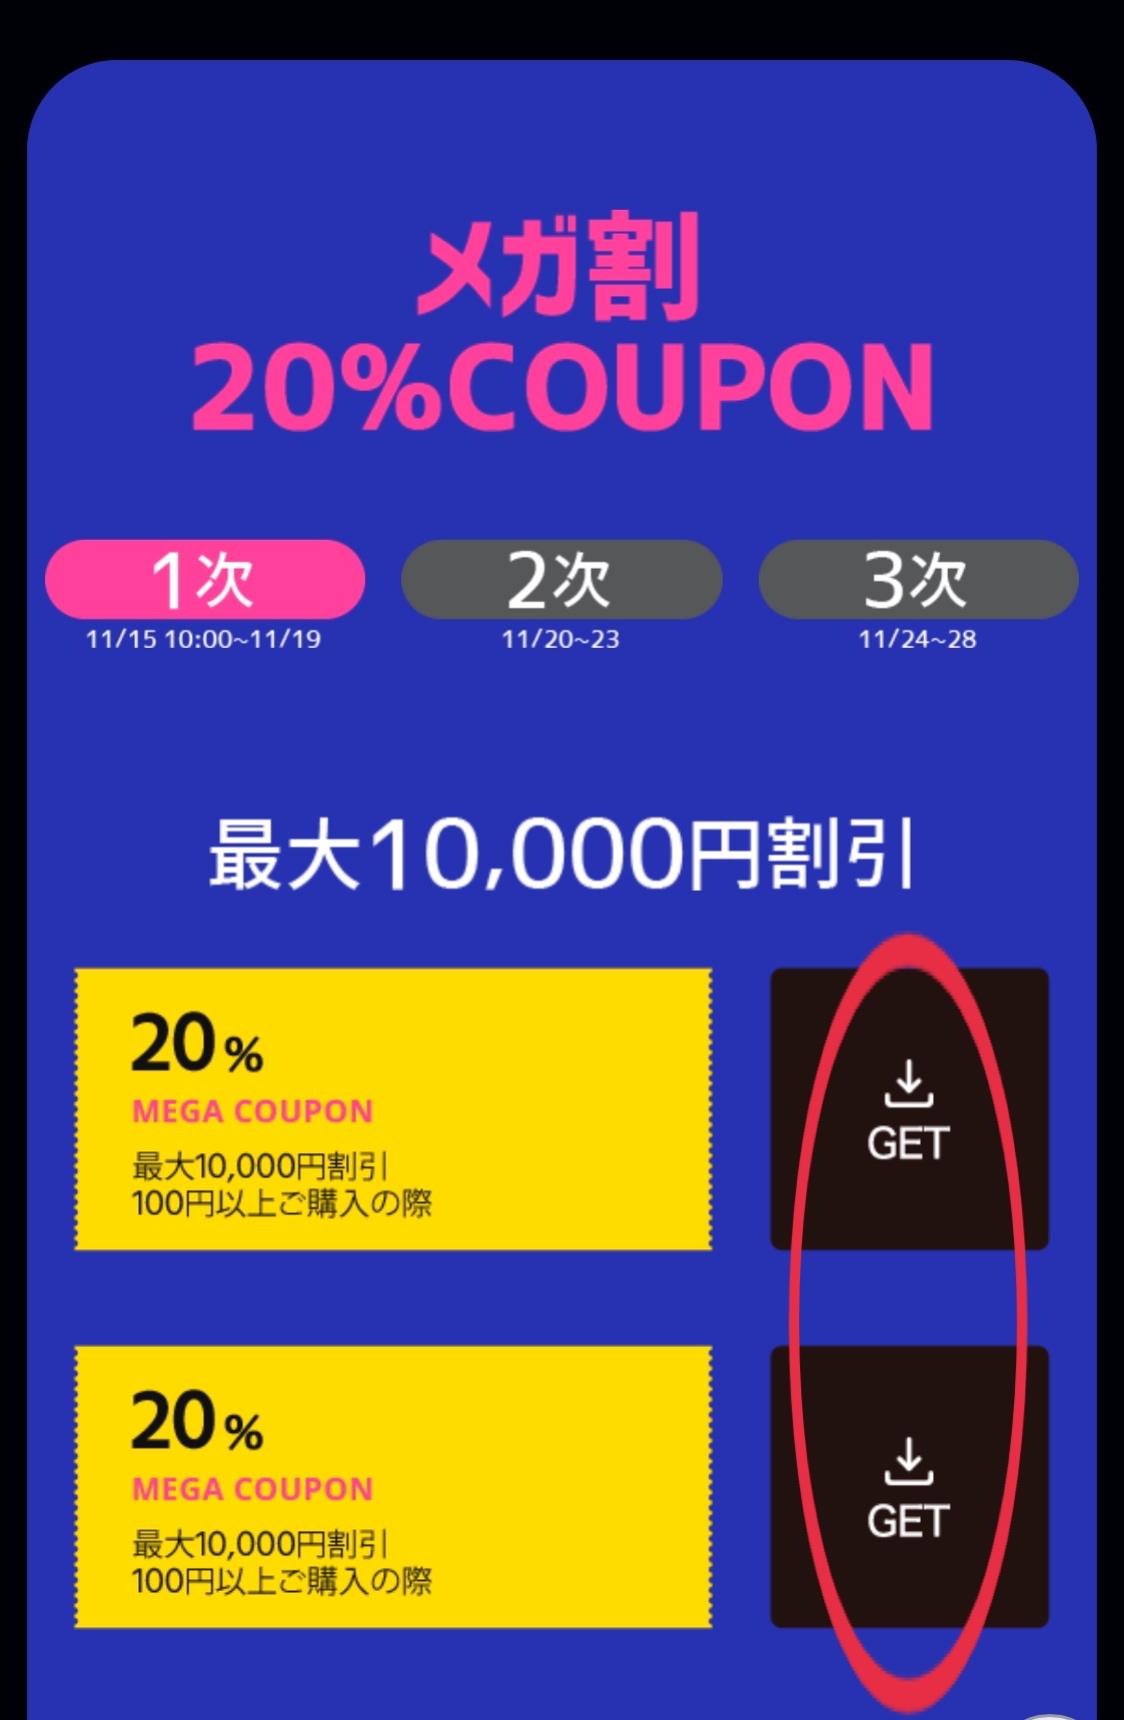 割 qoo10 メガ Qoo10、10日間限定「20%メガ割」を開催! (2021年3月1日)